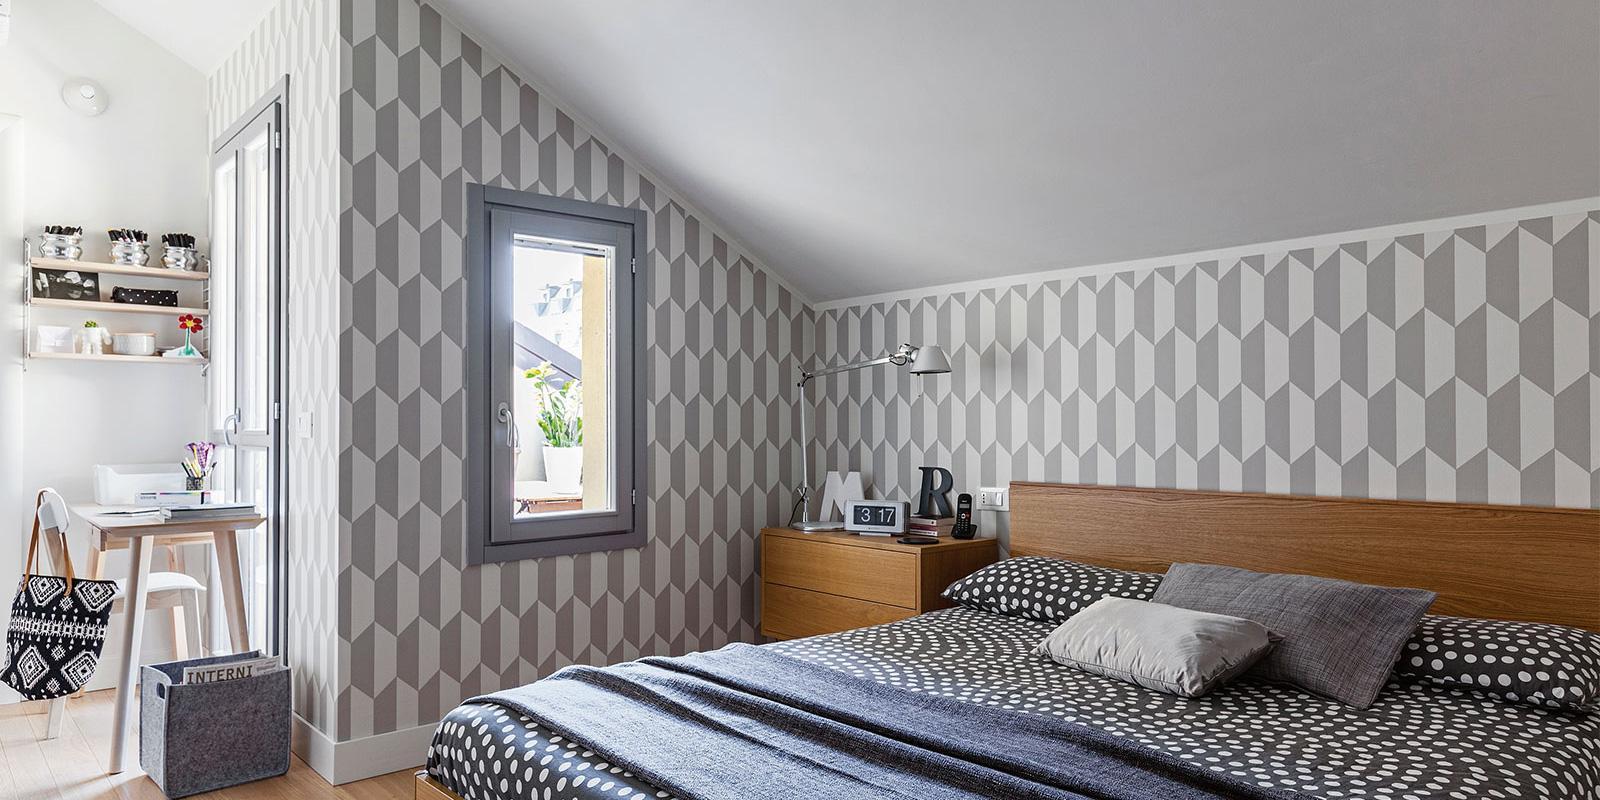 Camera Da Letto Sottotetto.Sottotetto Recuperato 108 45 Mq In Formato Famiglia Cose Di Casa